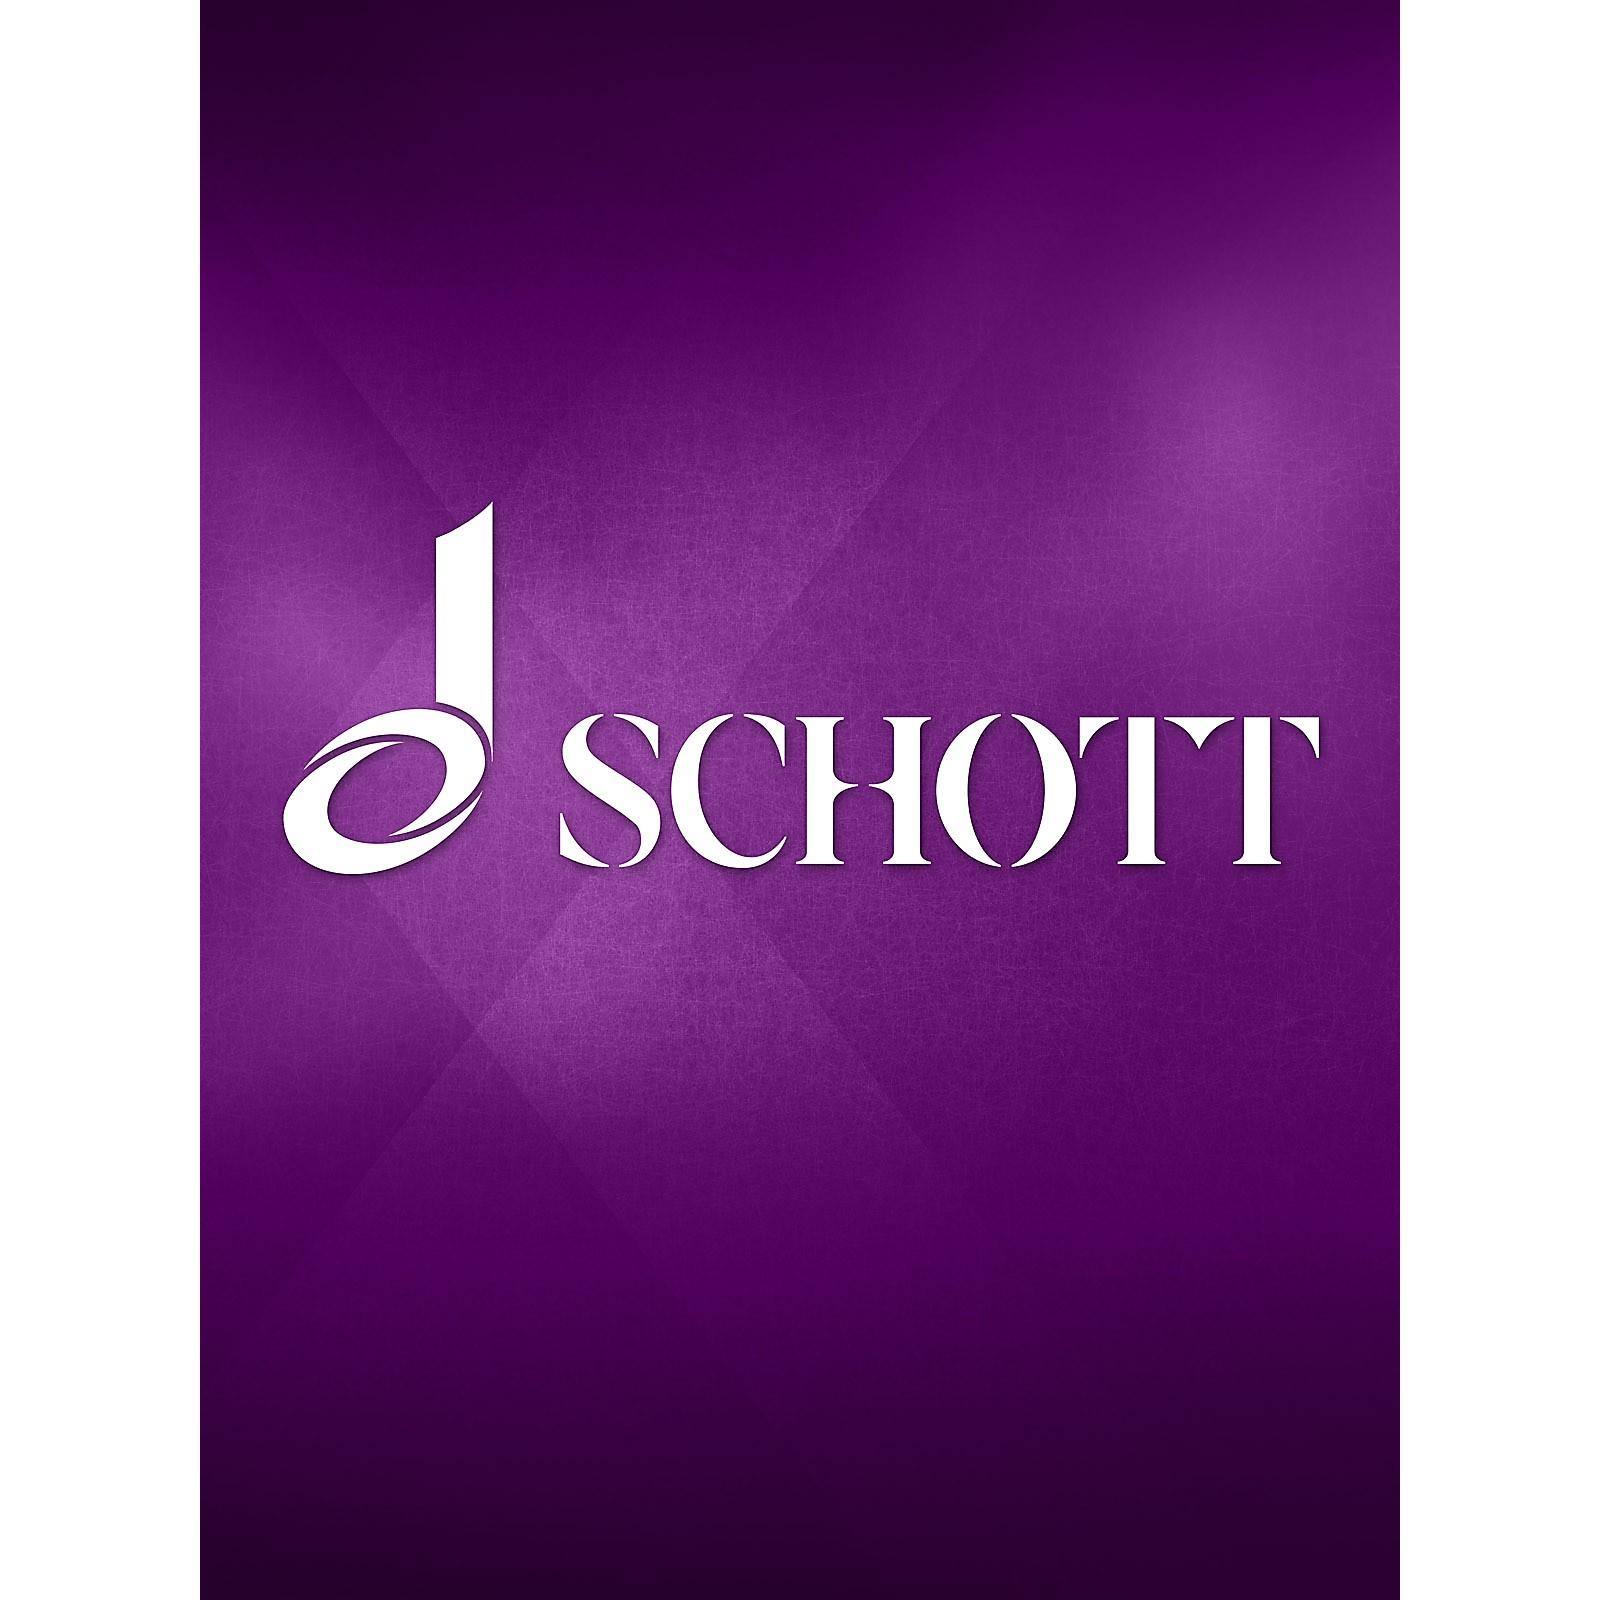 Schott Variations on a Theme by Robert Schumann, Op. 23 Schott Series